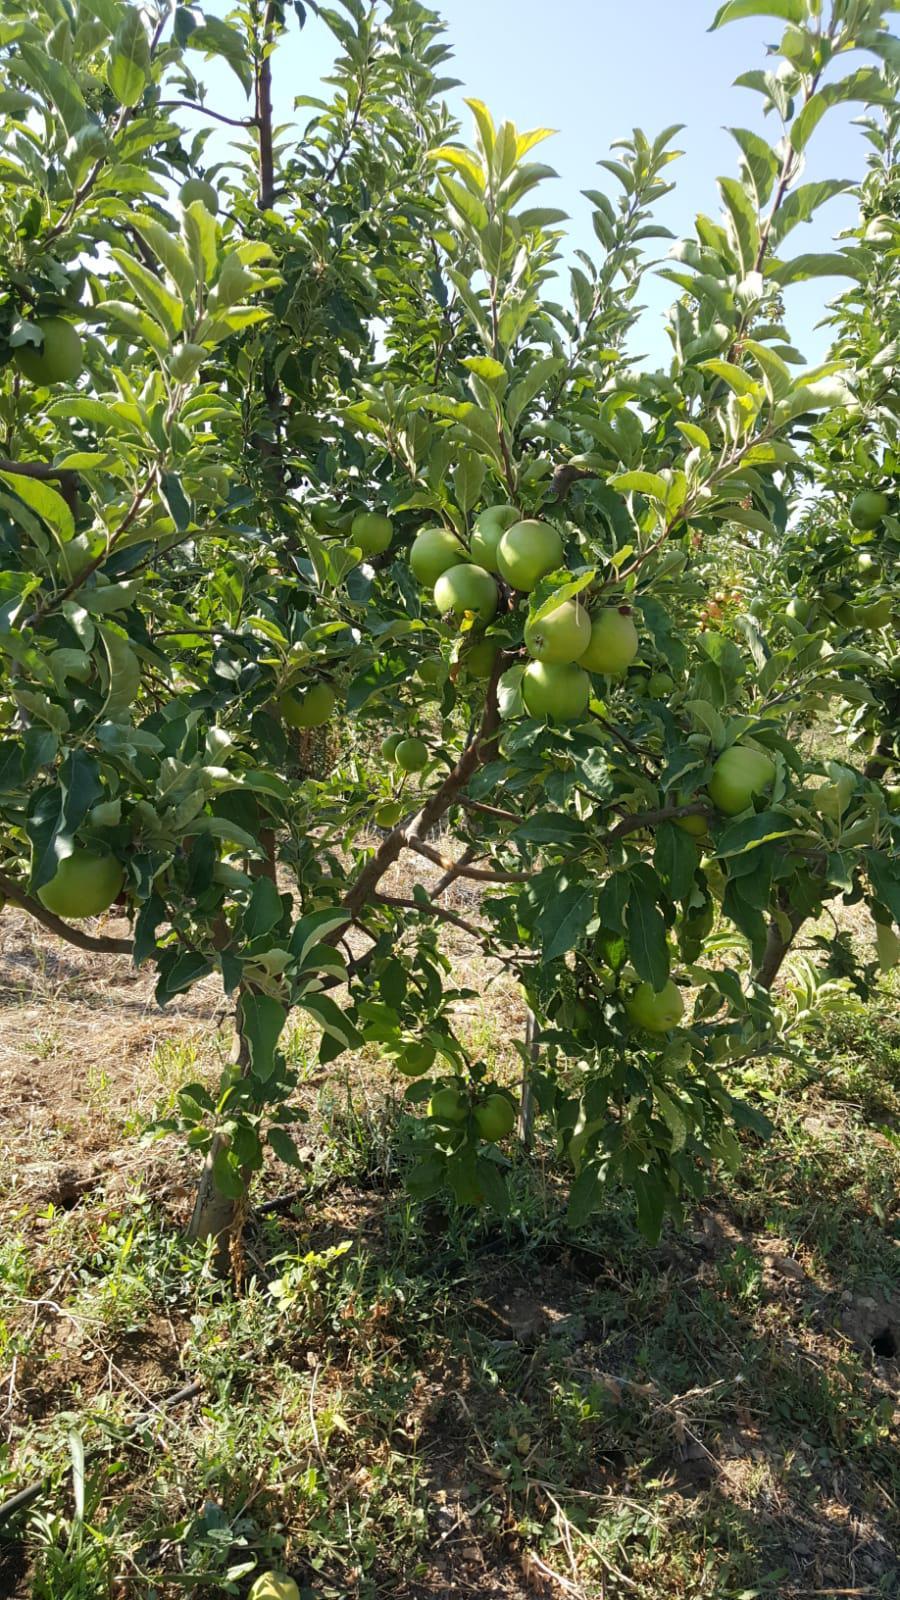 Elma - Üretici Veli Olmez 1.5 tl fiyat ile 40.000 kilogram granny smith çeşidi elma satmak istiyor